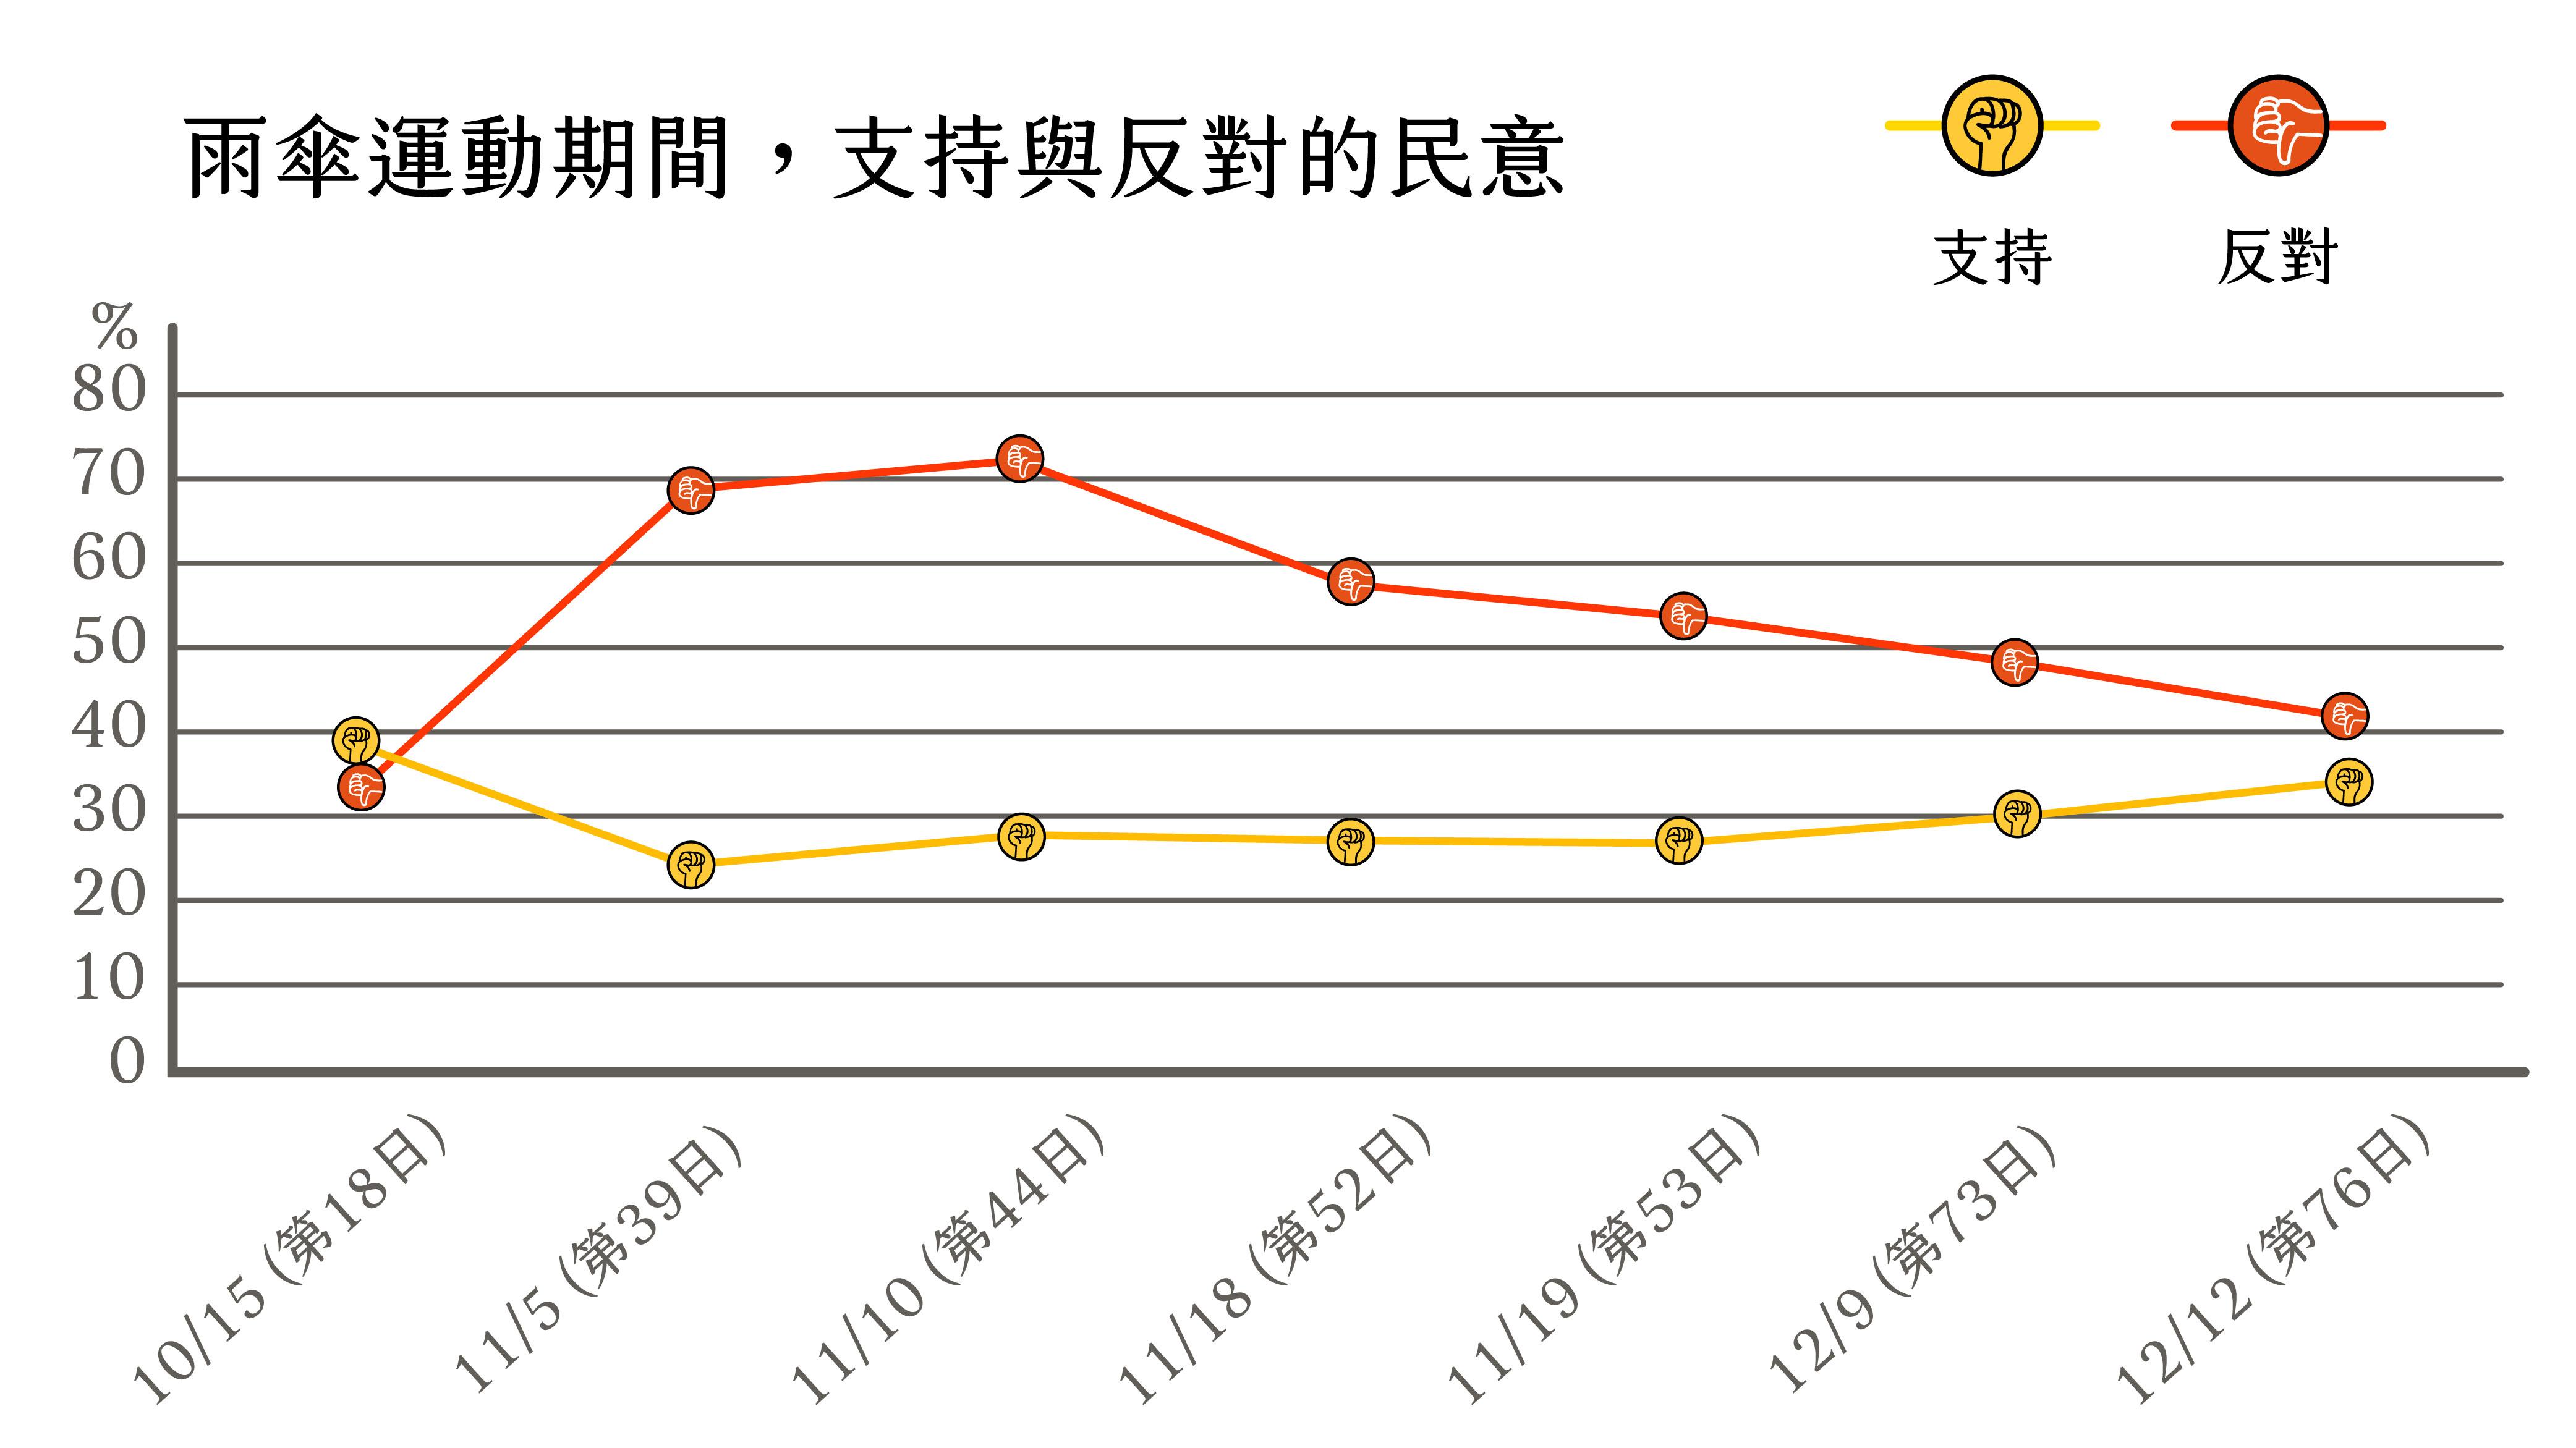 【資料來源:4 份來自香港大學民意研究計畫,3 份來自香港中文大學傳播與民意調查中心,取用日期:2015 年 8 月 27 日。】對峙僵局中,時間並不站在抗議者這方,太陽花在佔領 11 日後民意支持出現逆轉,雨傘運動則是在第 3 週。圖│《為什麼要佔領街頭?》,左岸文化(圖片美化│林洵安)